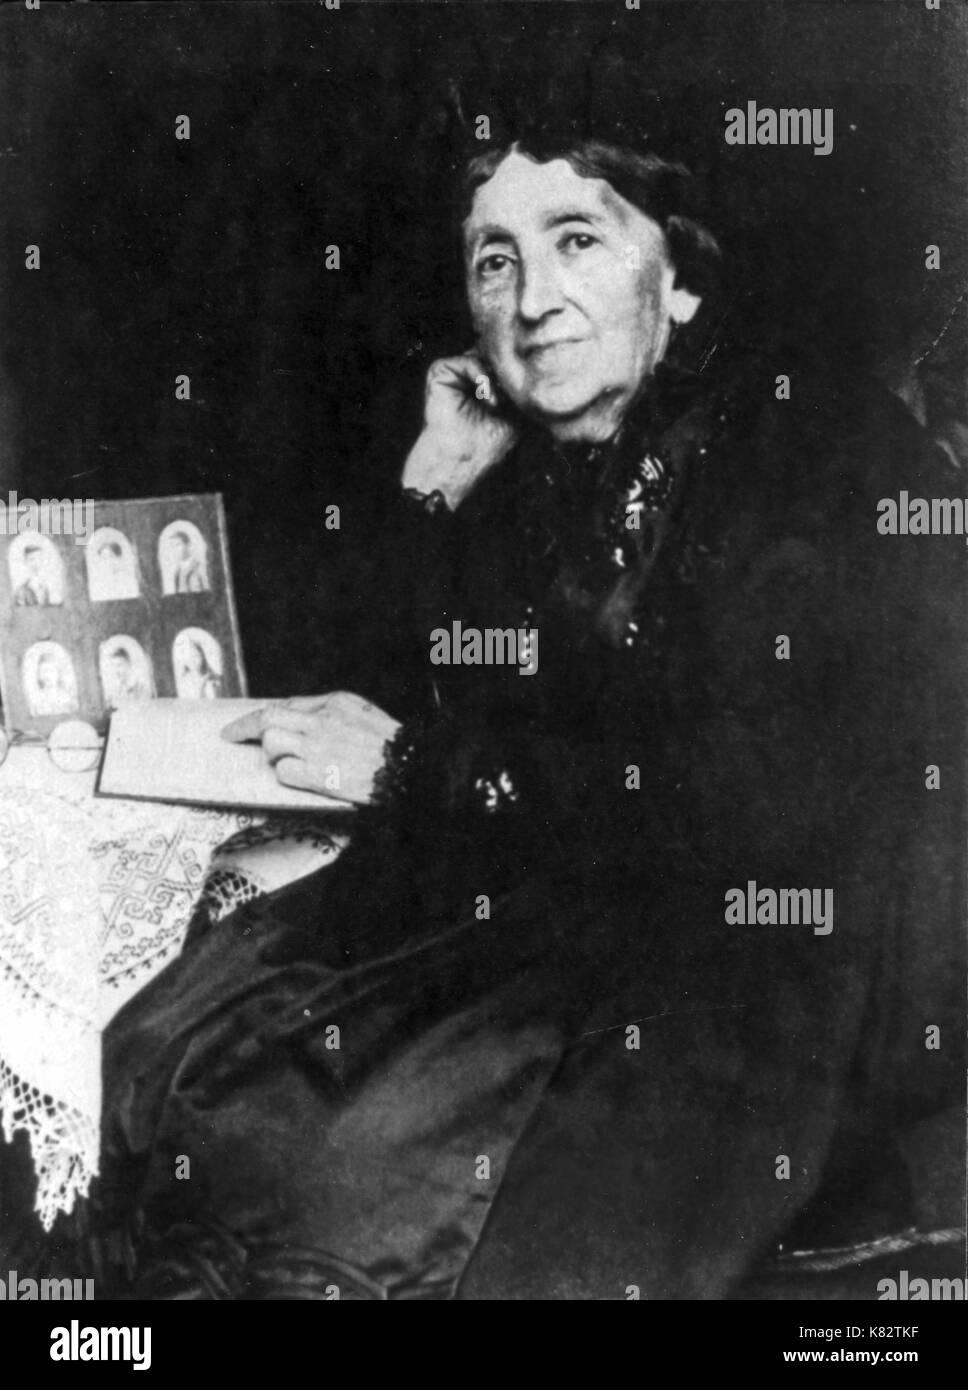 emmeline bernays, Mother of Martha, Sigmund Freud's wife - Stock Image